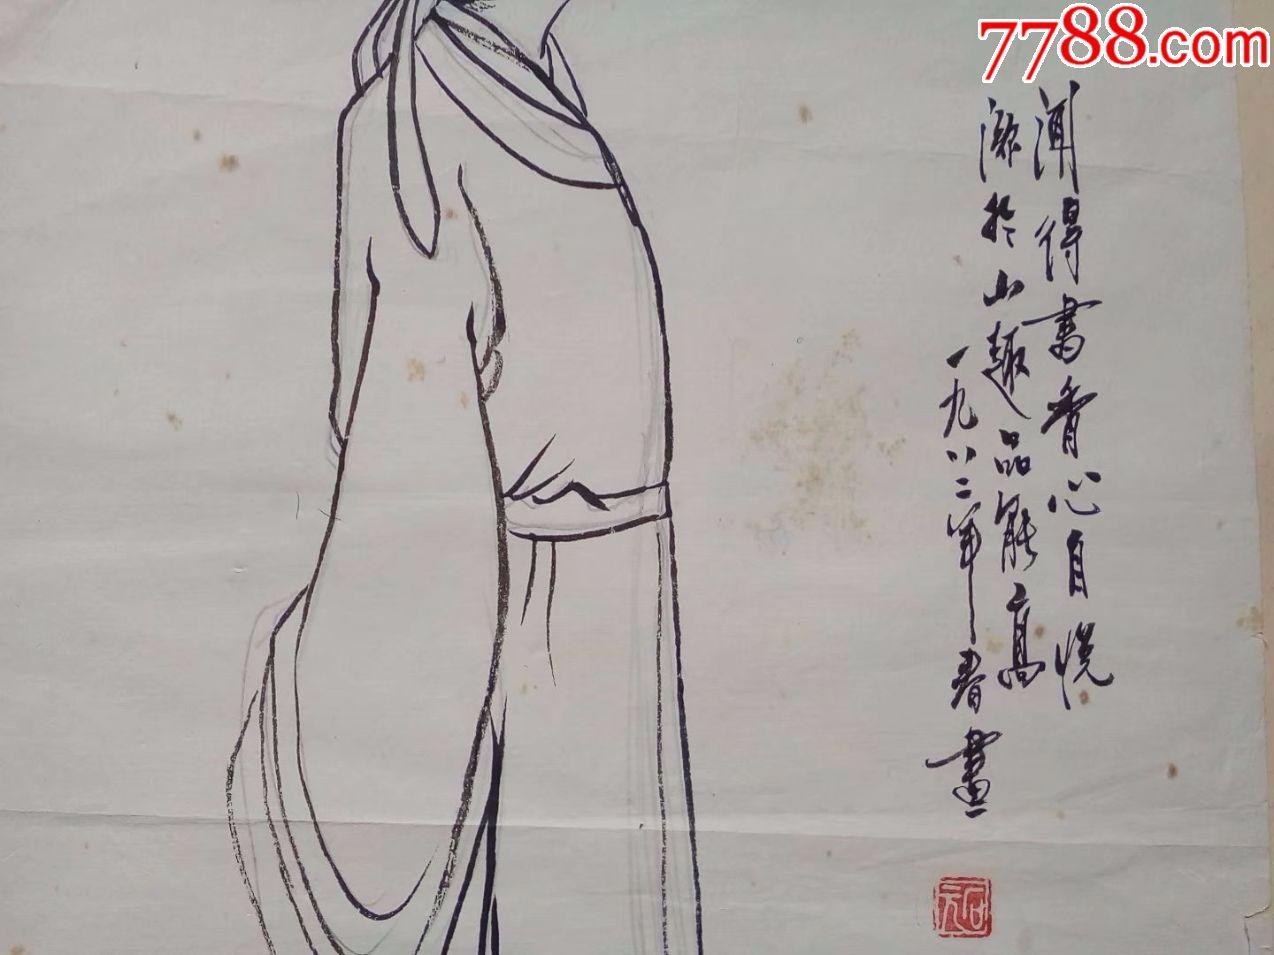 包邮一口价,水墨人物画国画小品画,八十年代原创作品唐代诗人